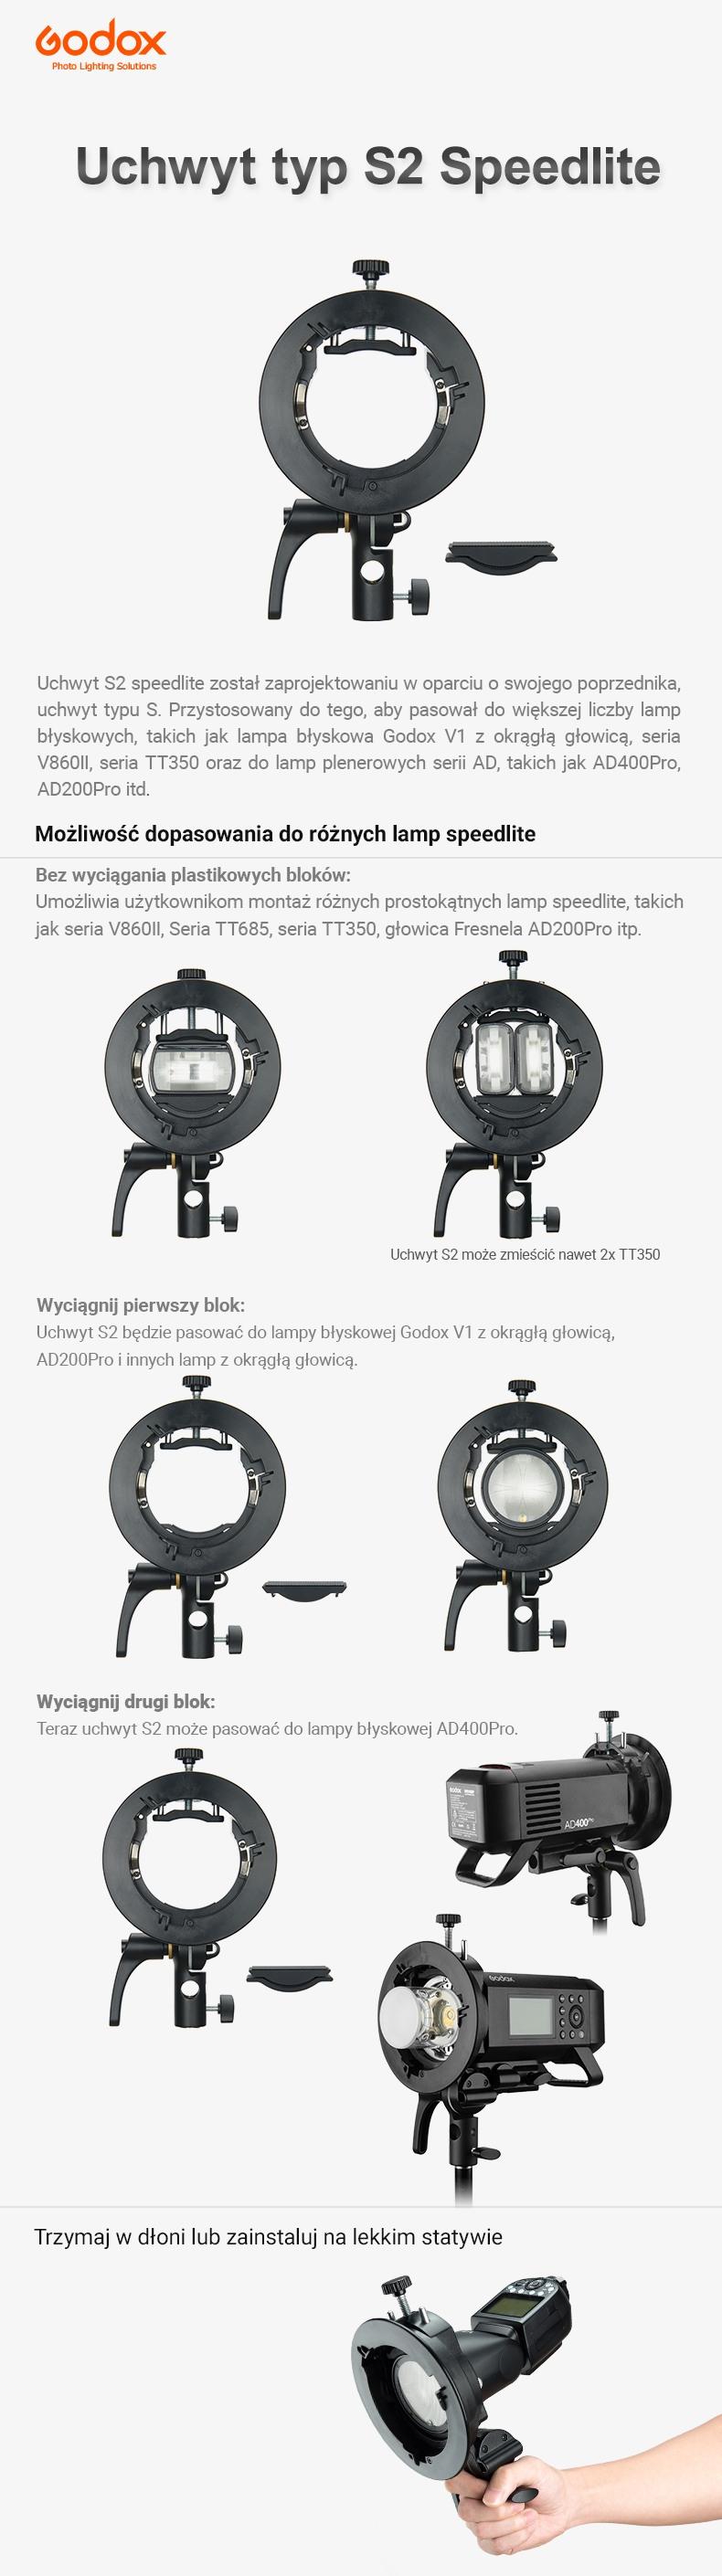 Godox uchwyt S2 Speedlite. Pasuje do AD200, lamp reporterskich, V1, AD300, AD400, TT350, V860II. Trzymaj w dłoni lub zainstaluj na statywie.